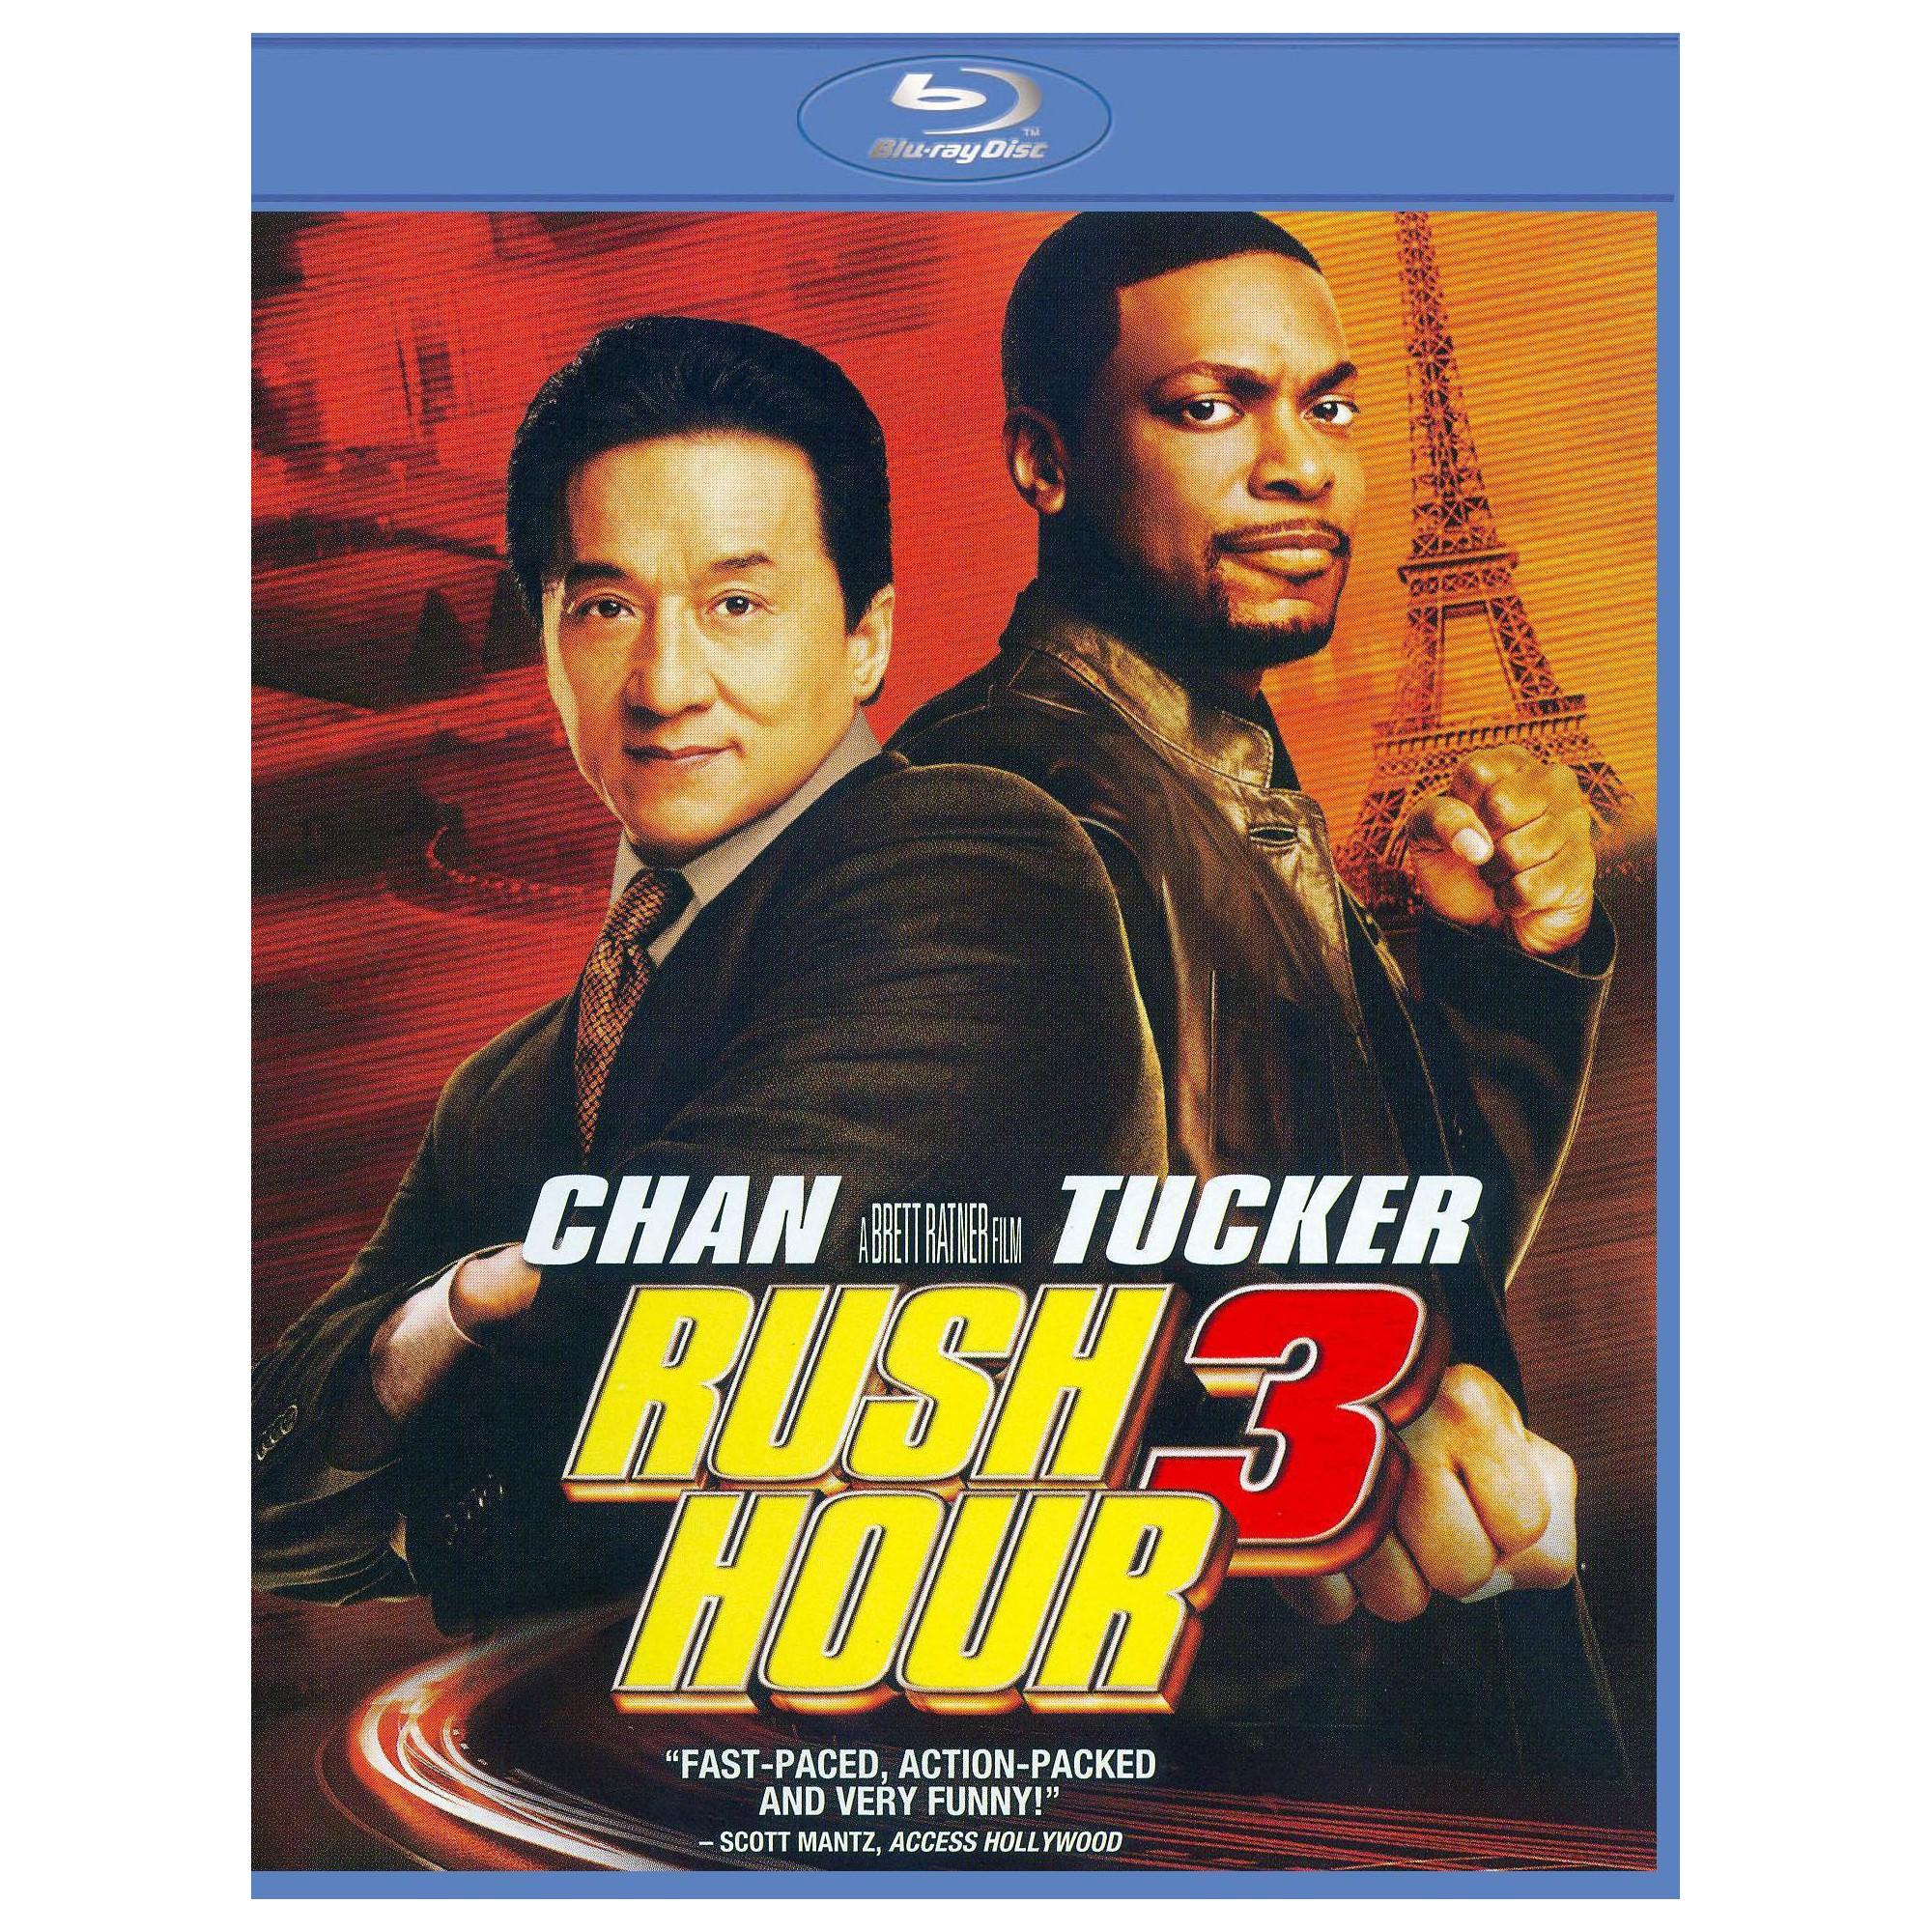 Rush Hour 3 Blu Ray In 2021 Rush Hour 3 Rush Hour Full Movies Online Free